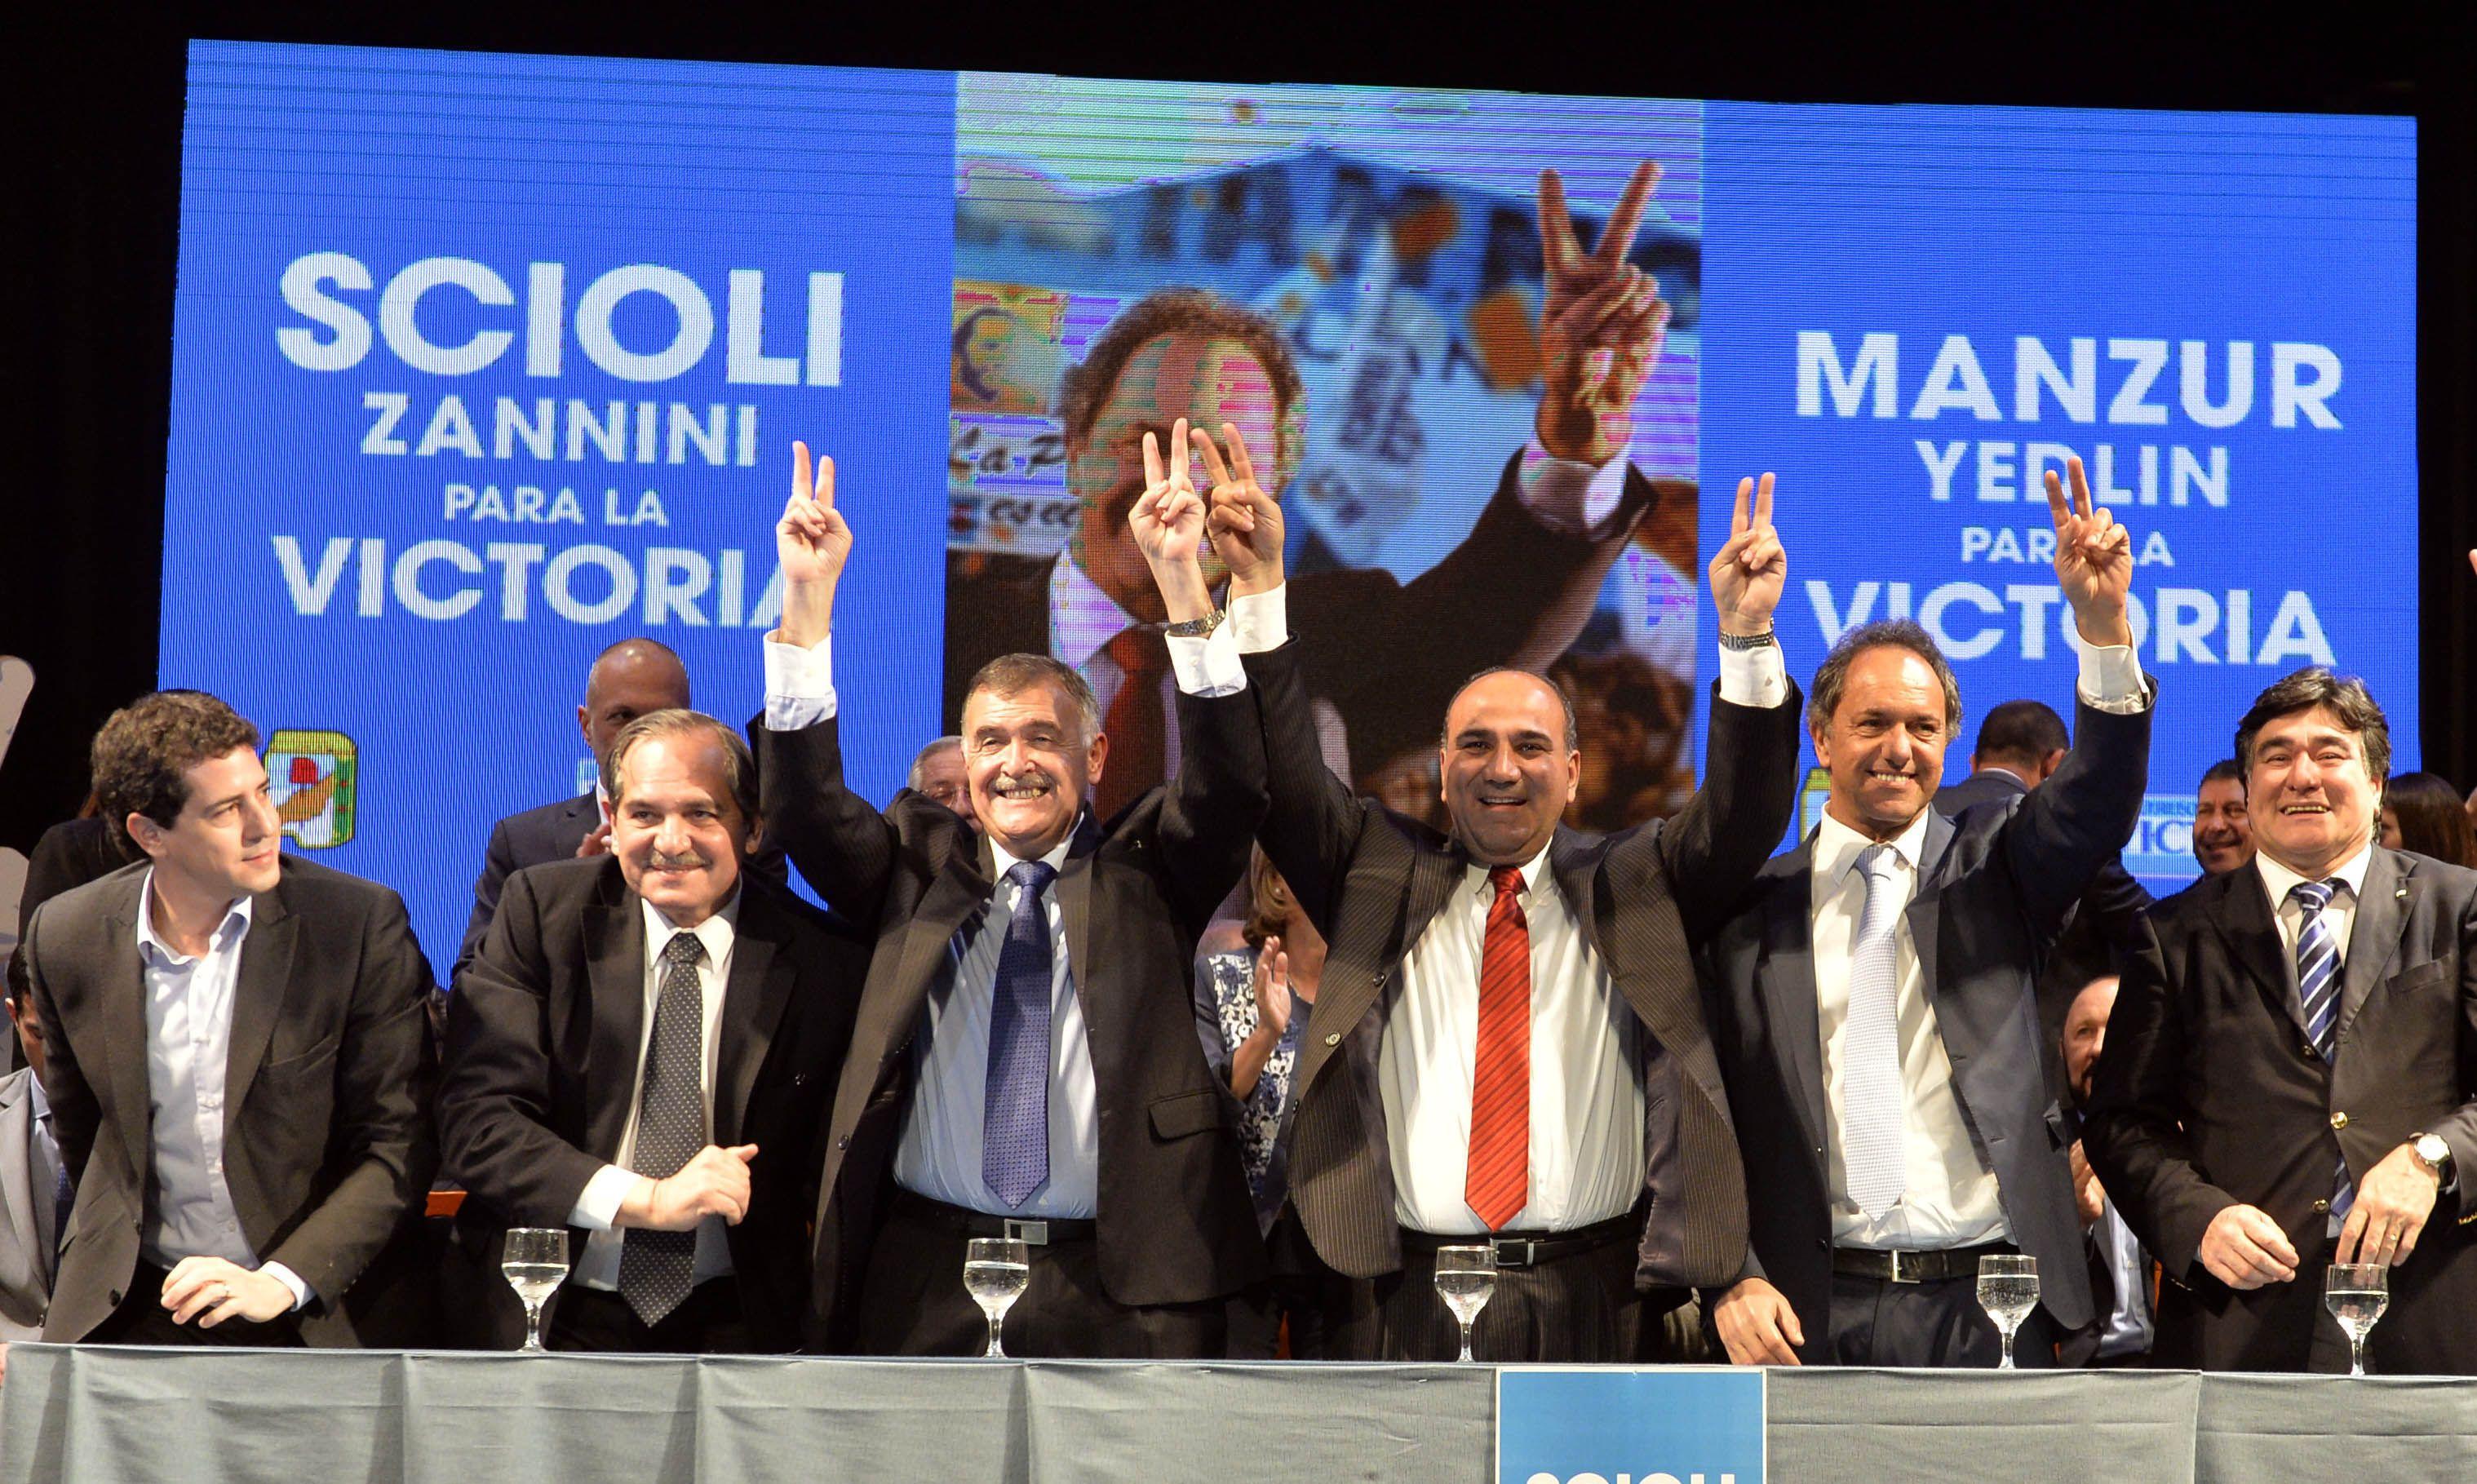 Confianza. Scioli y Zannini participaron con gobernadores y funcionarios del acto de respaldo a José Manzur.